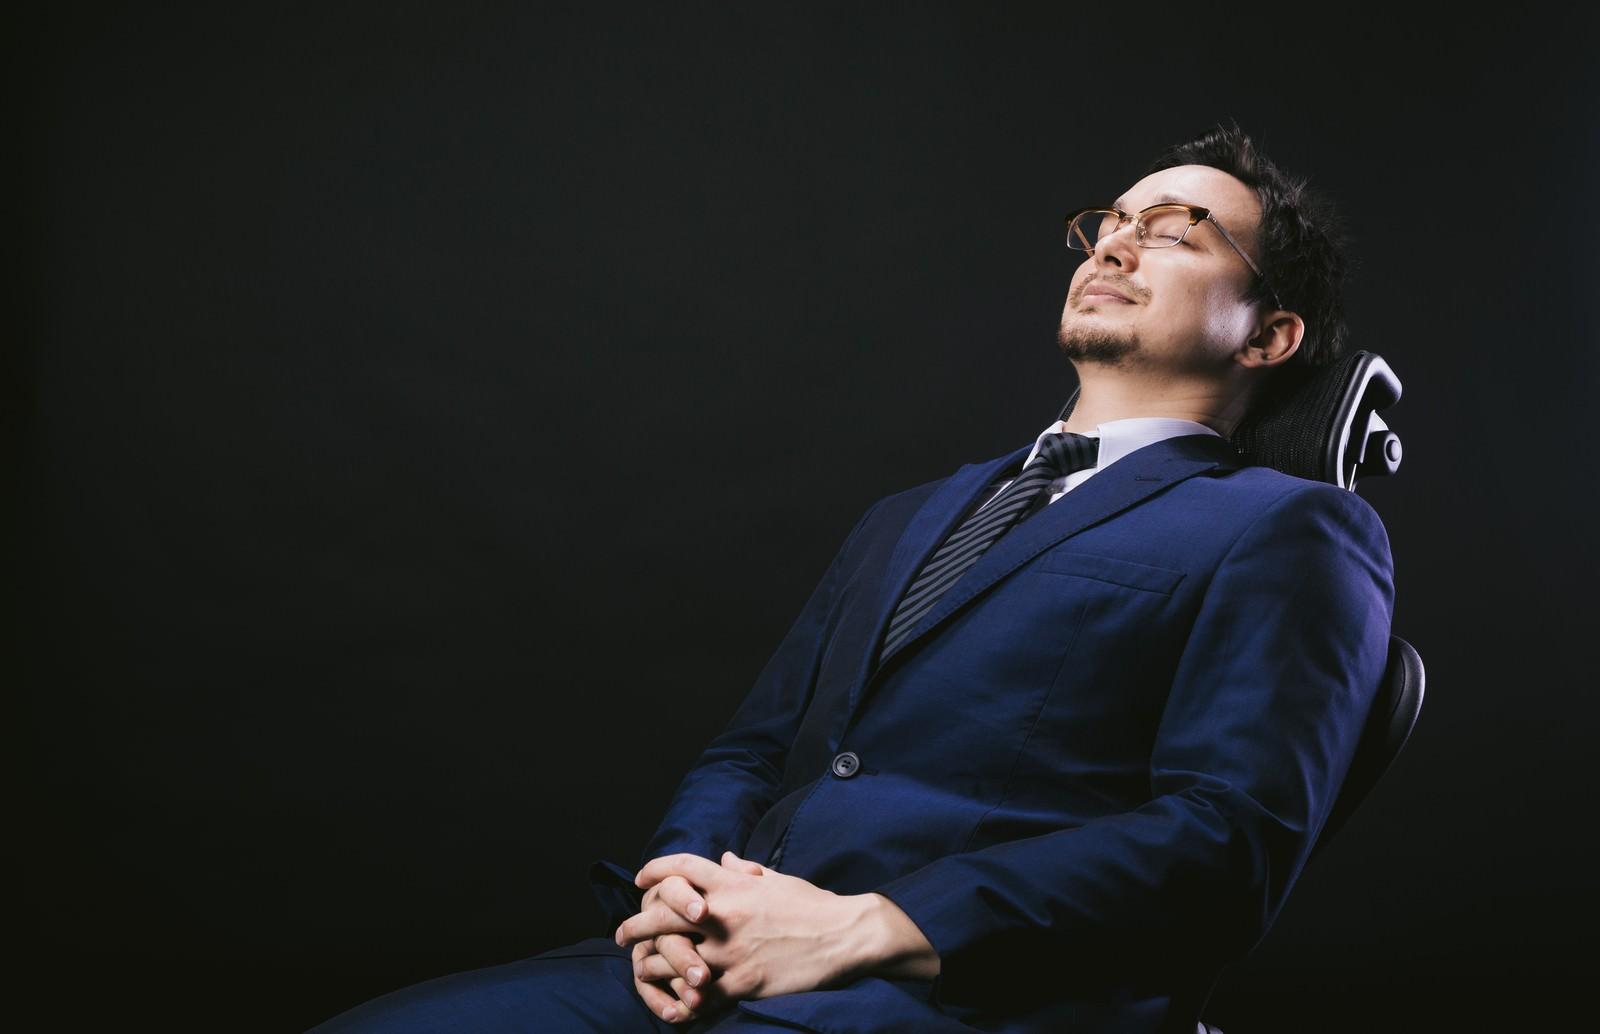 「座り心地のいい椅子で寝落ちしている外資系」の写真[モデル:Max_Ezaki]